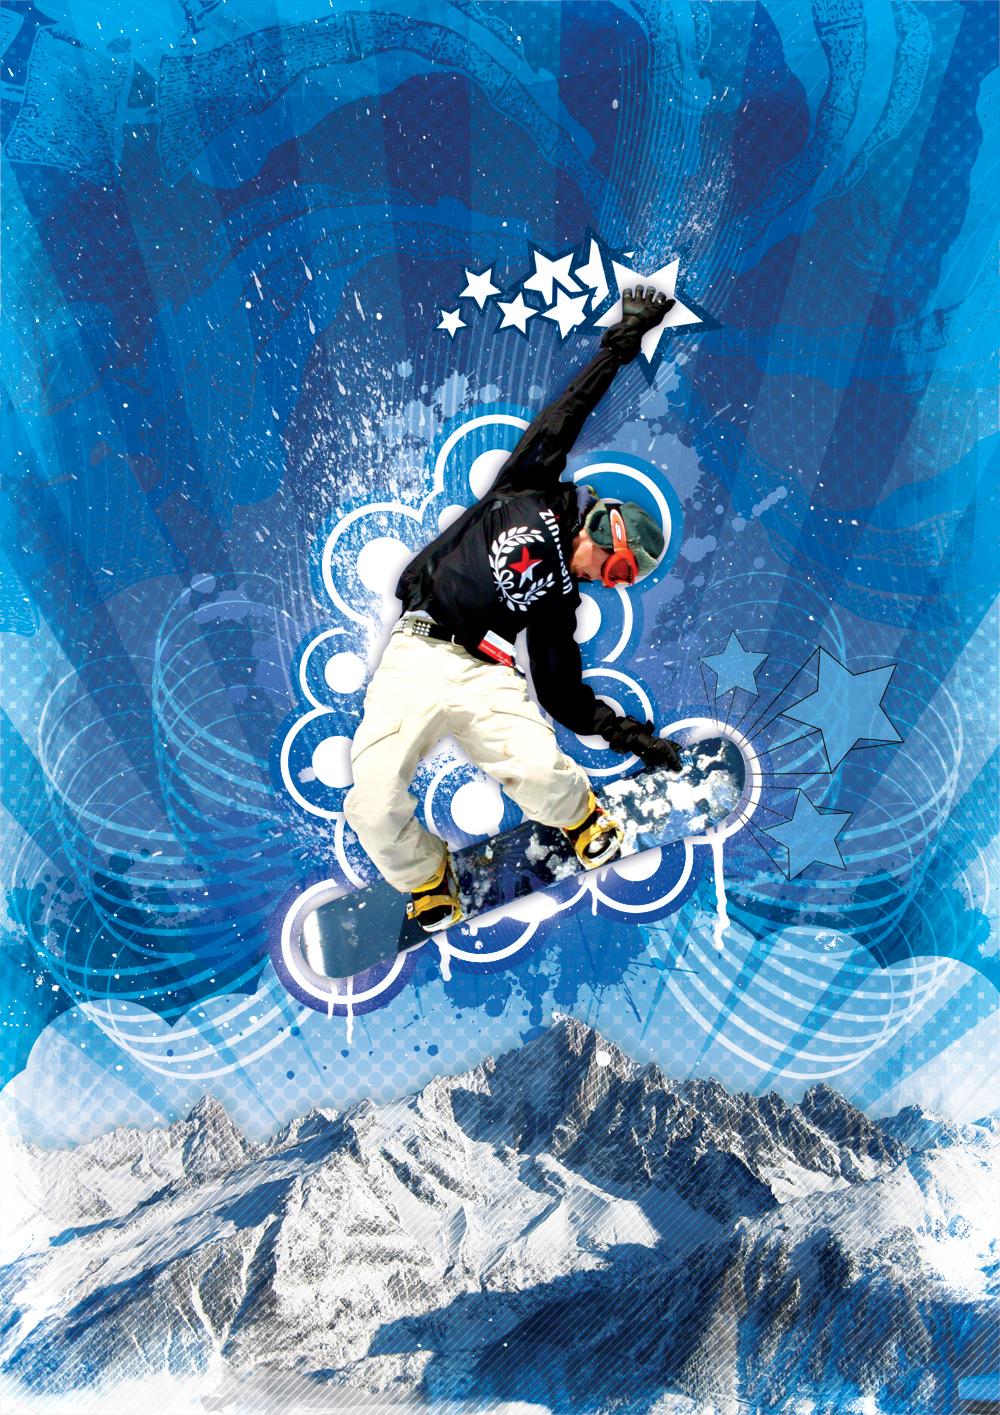 Combinando vetores com píxeis em arte gráfica Snowboarder-artwork_lg